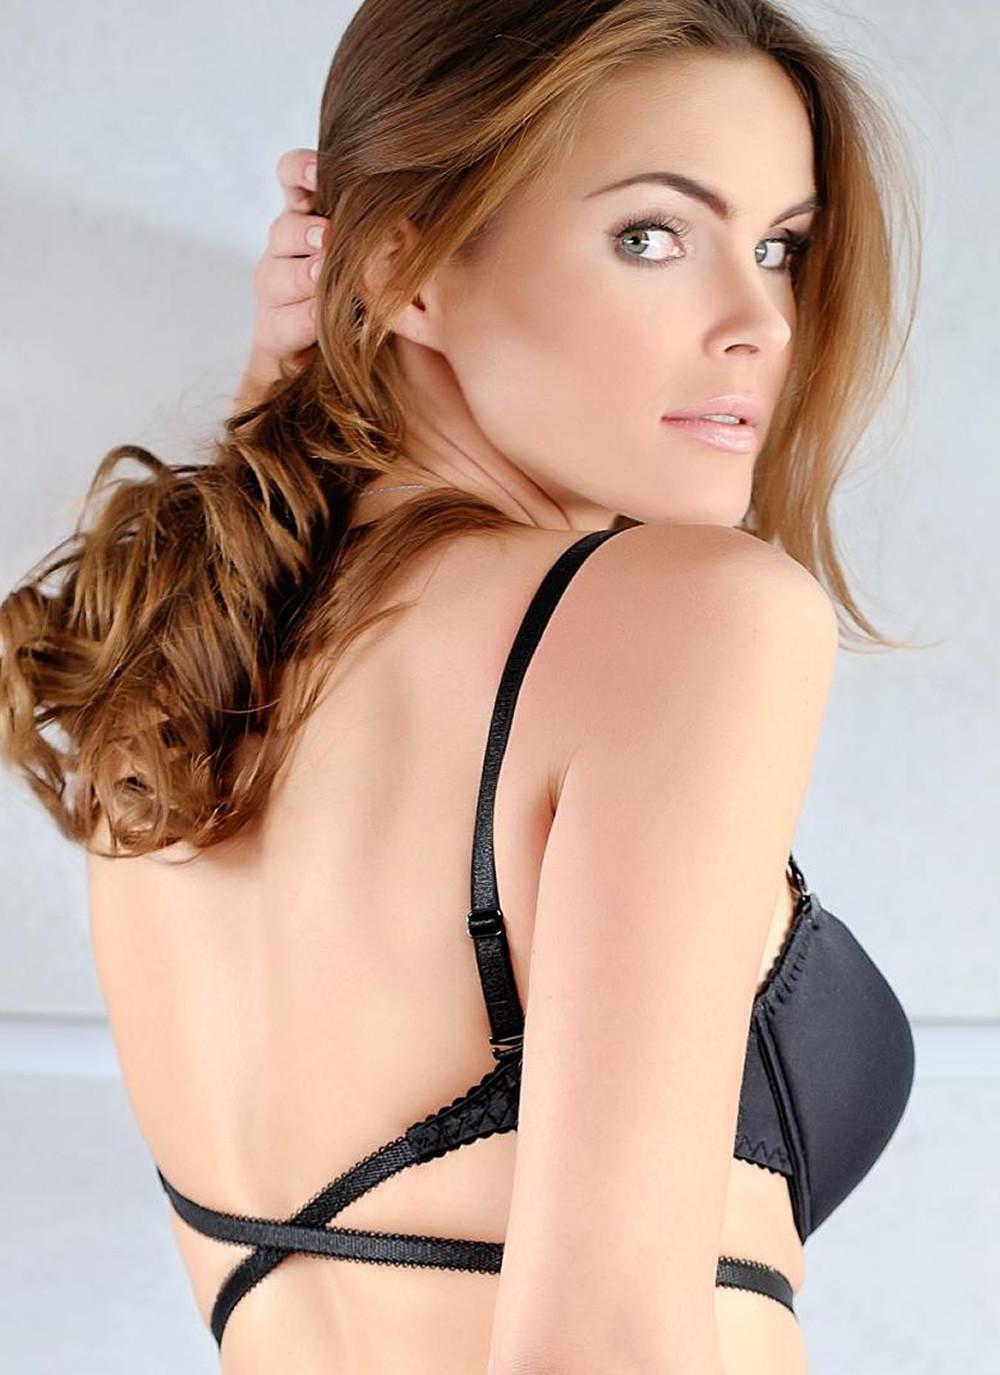 Plunge bra - back